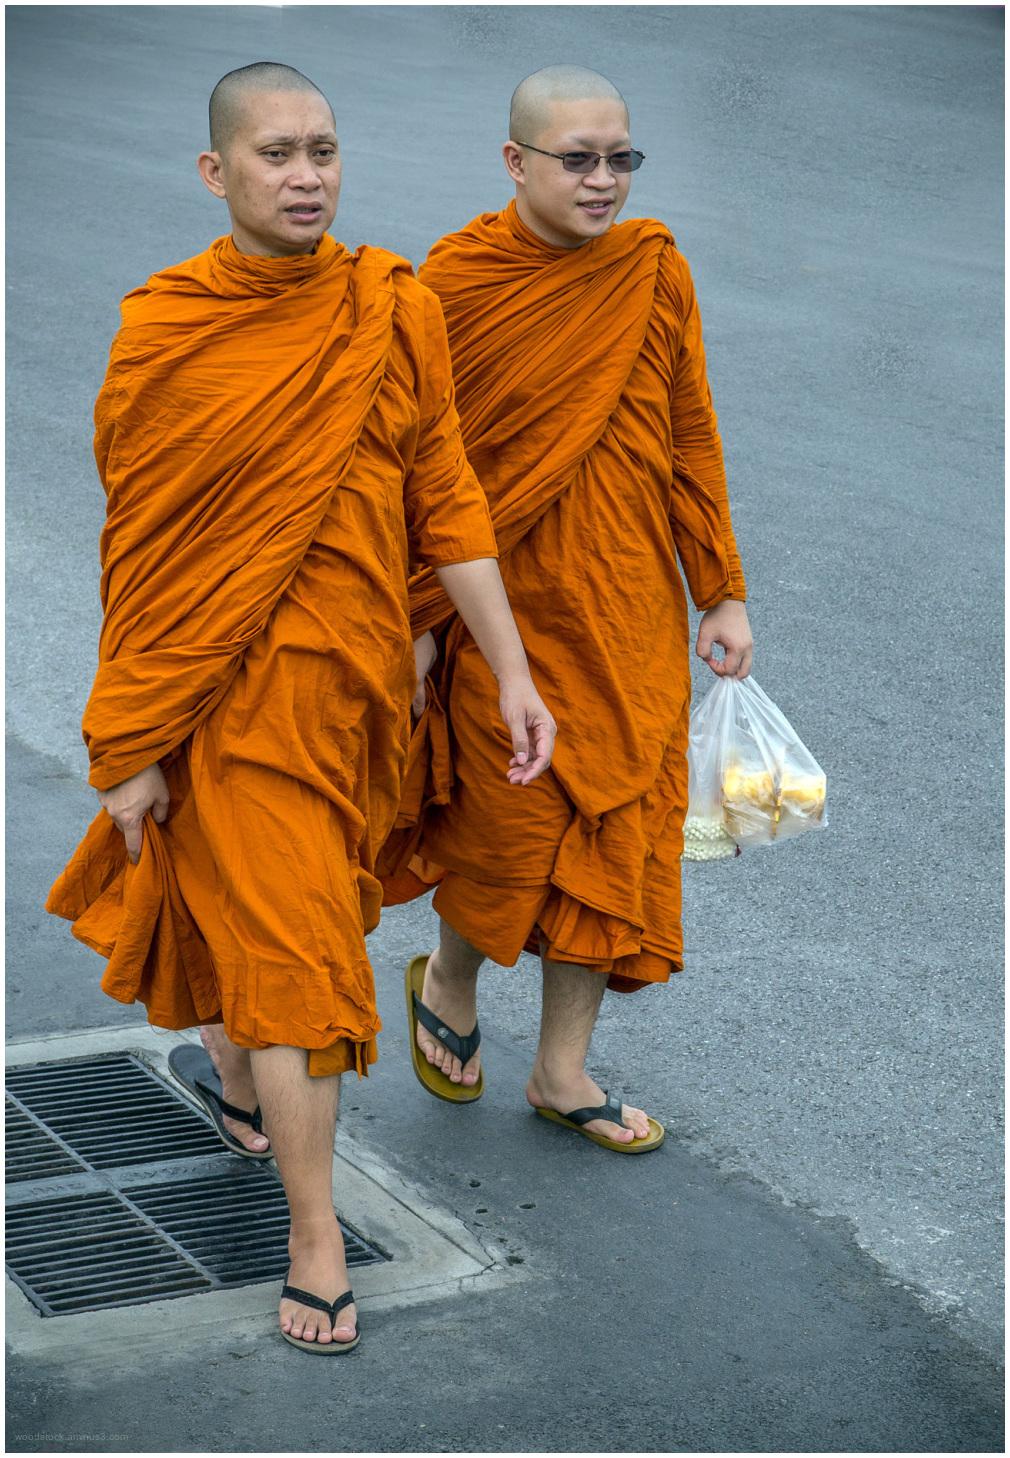 Monks in Viet Nam